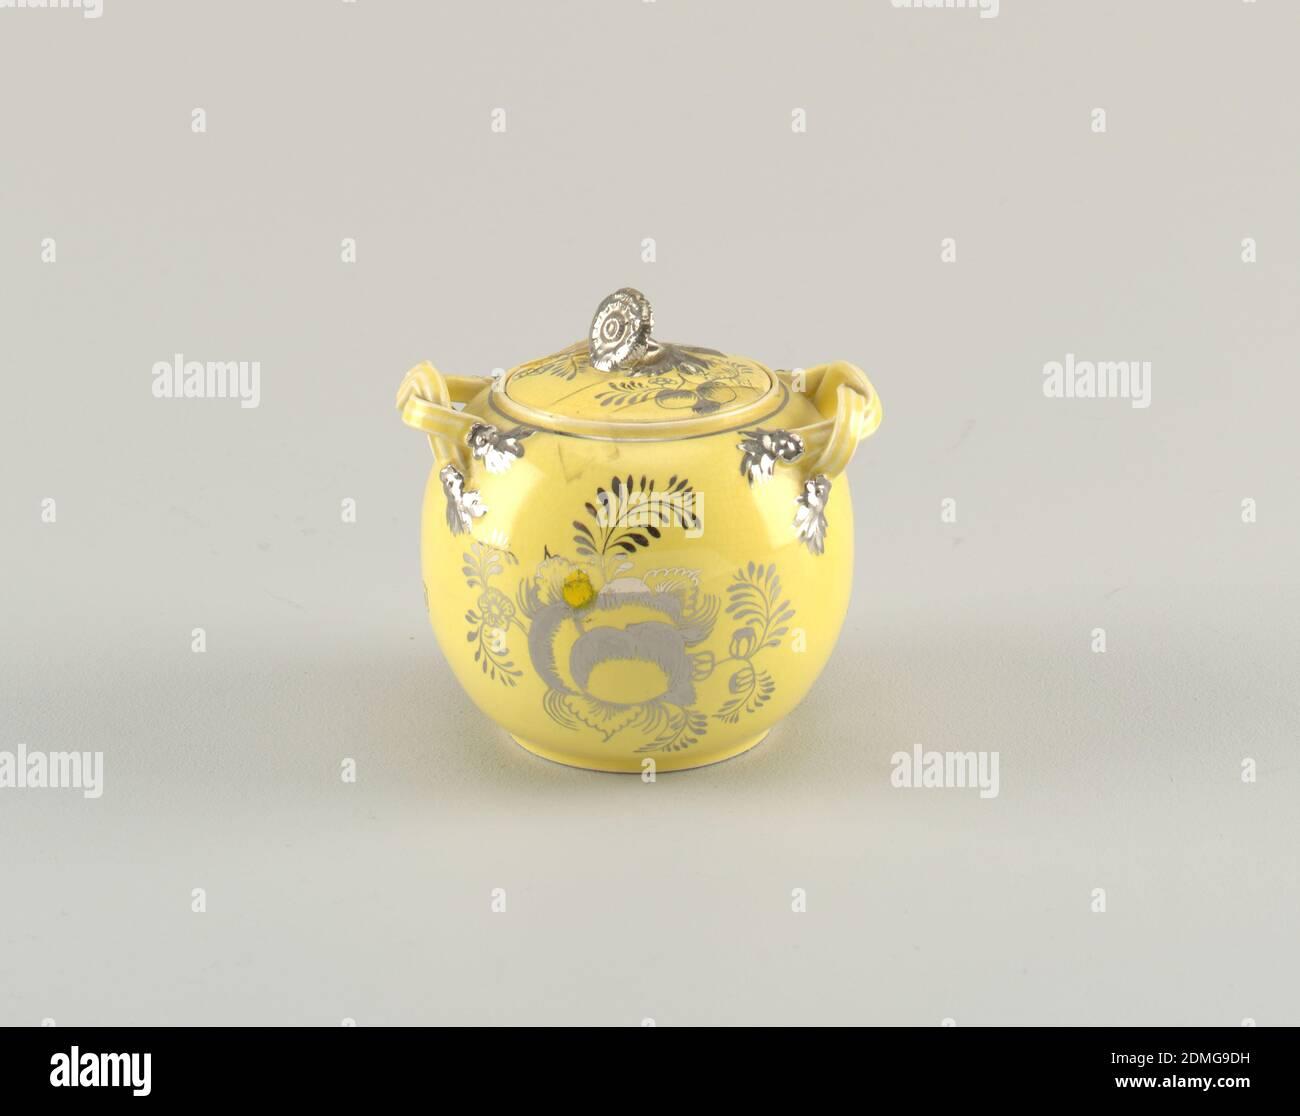 Set de té, cerámica Leeds, plata resistente, tazón de azúcar, forma esperica, tapa es también con tazón, numerado con componentes, b es tapa, Inglaterra, 18th-mid-19th siglo, cerámica, artes decorativas, juego de té Foto de stock